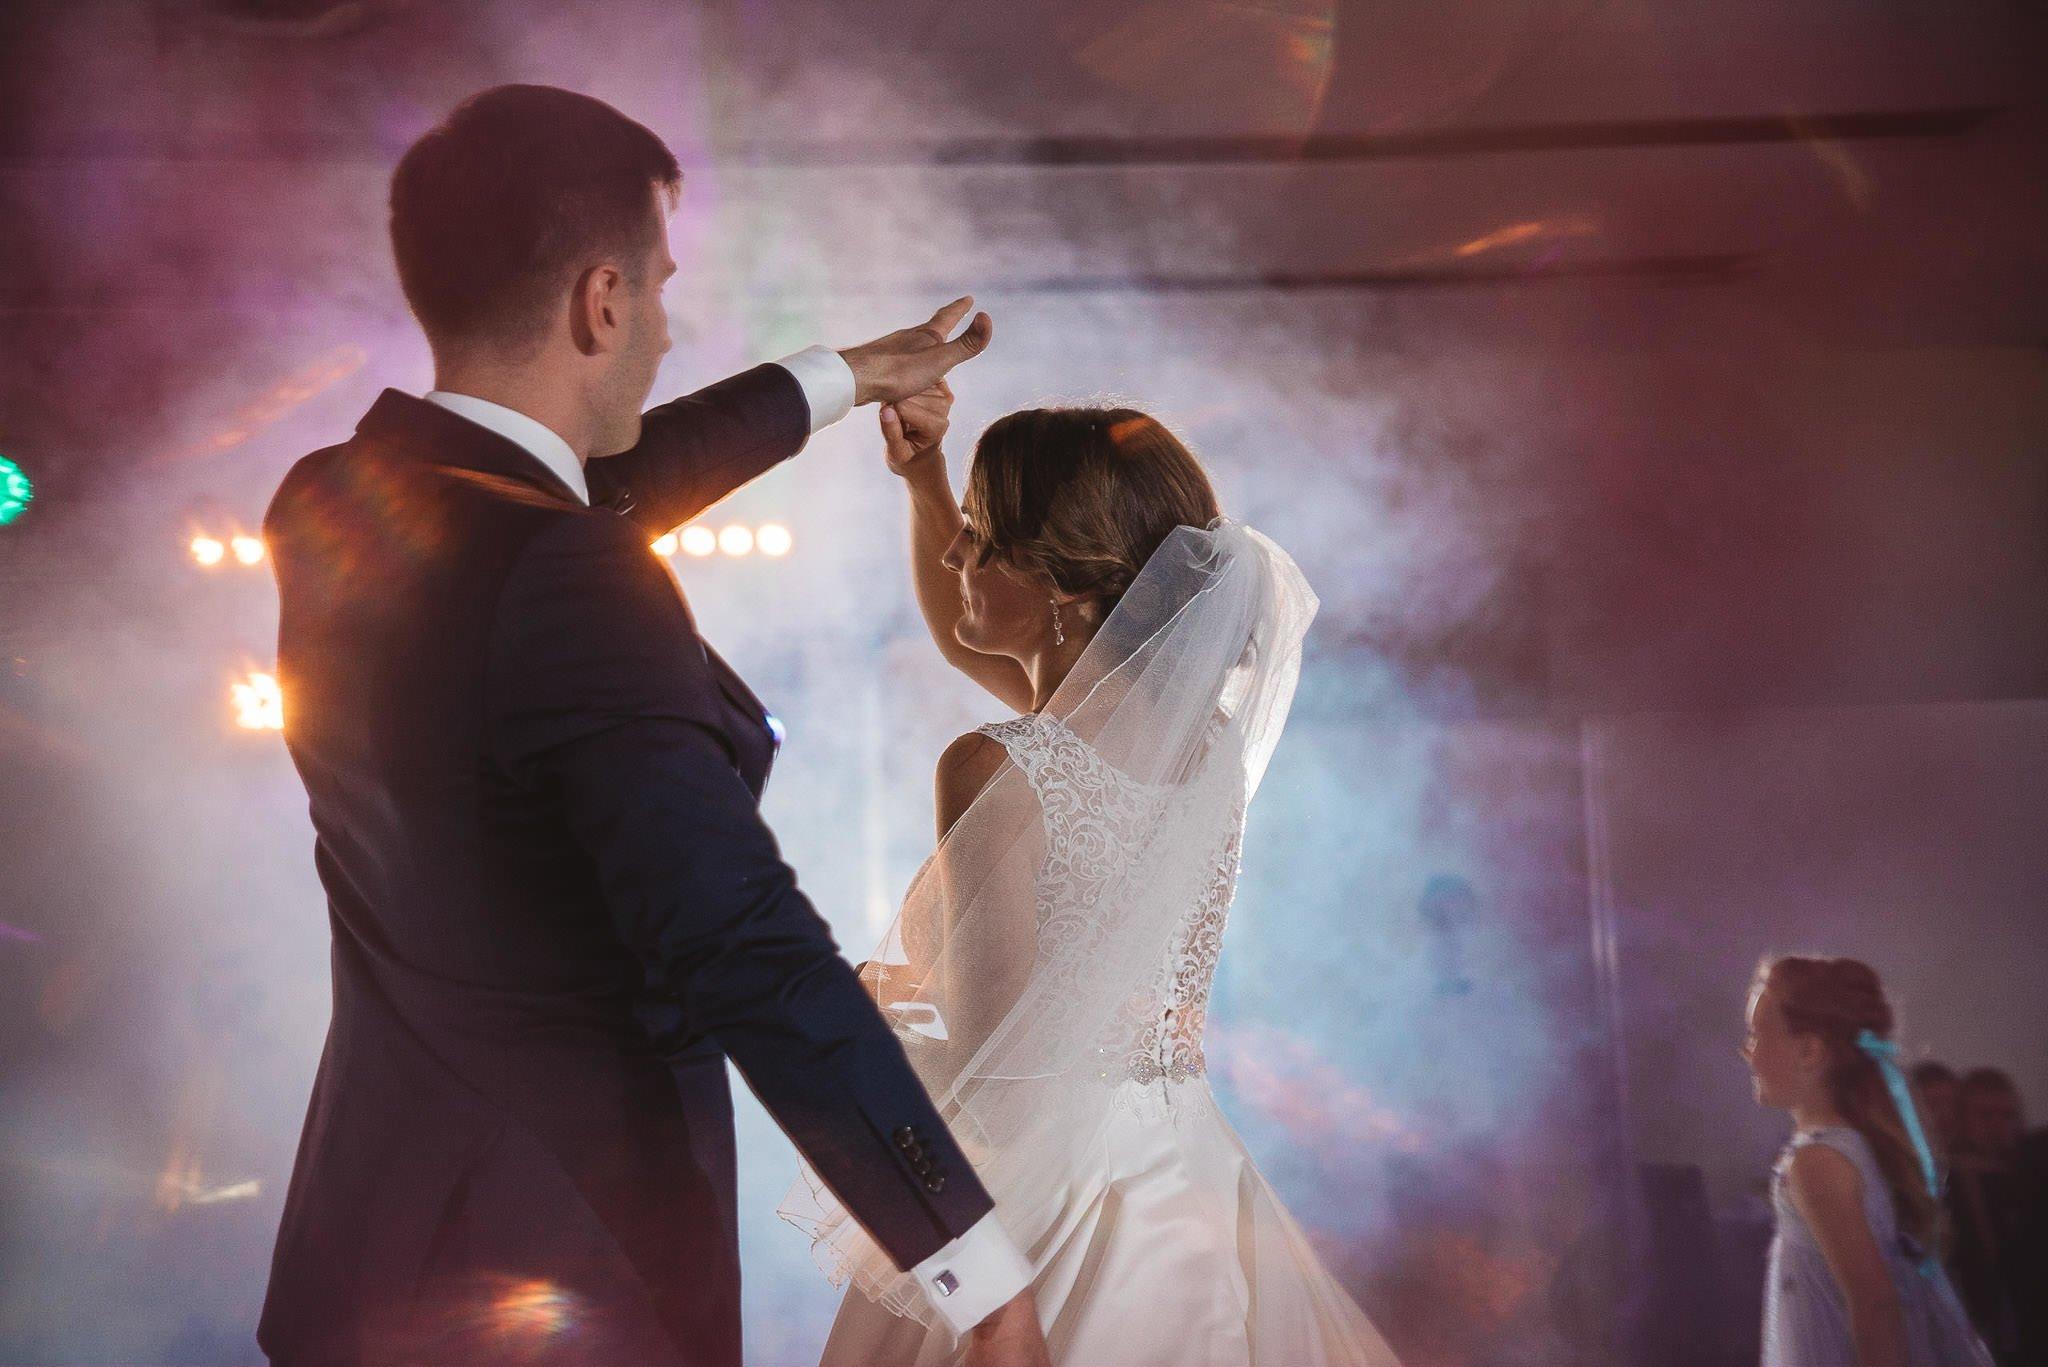 Monika i Michał, wesele w Paryżu i sesja plenerowa w stadninie koni w Czołowie 182